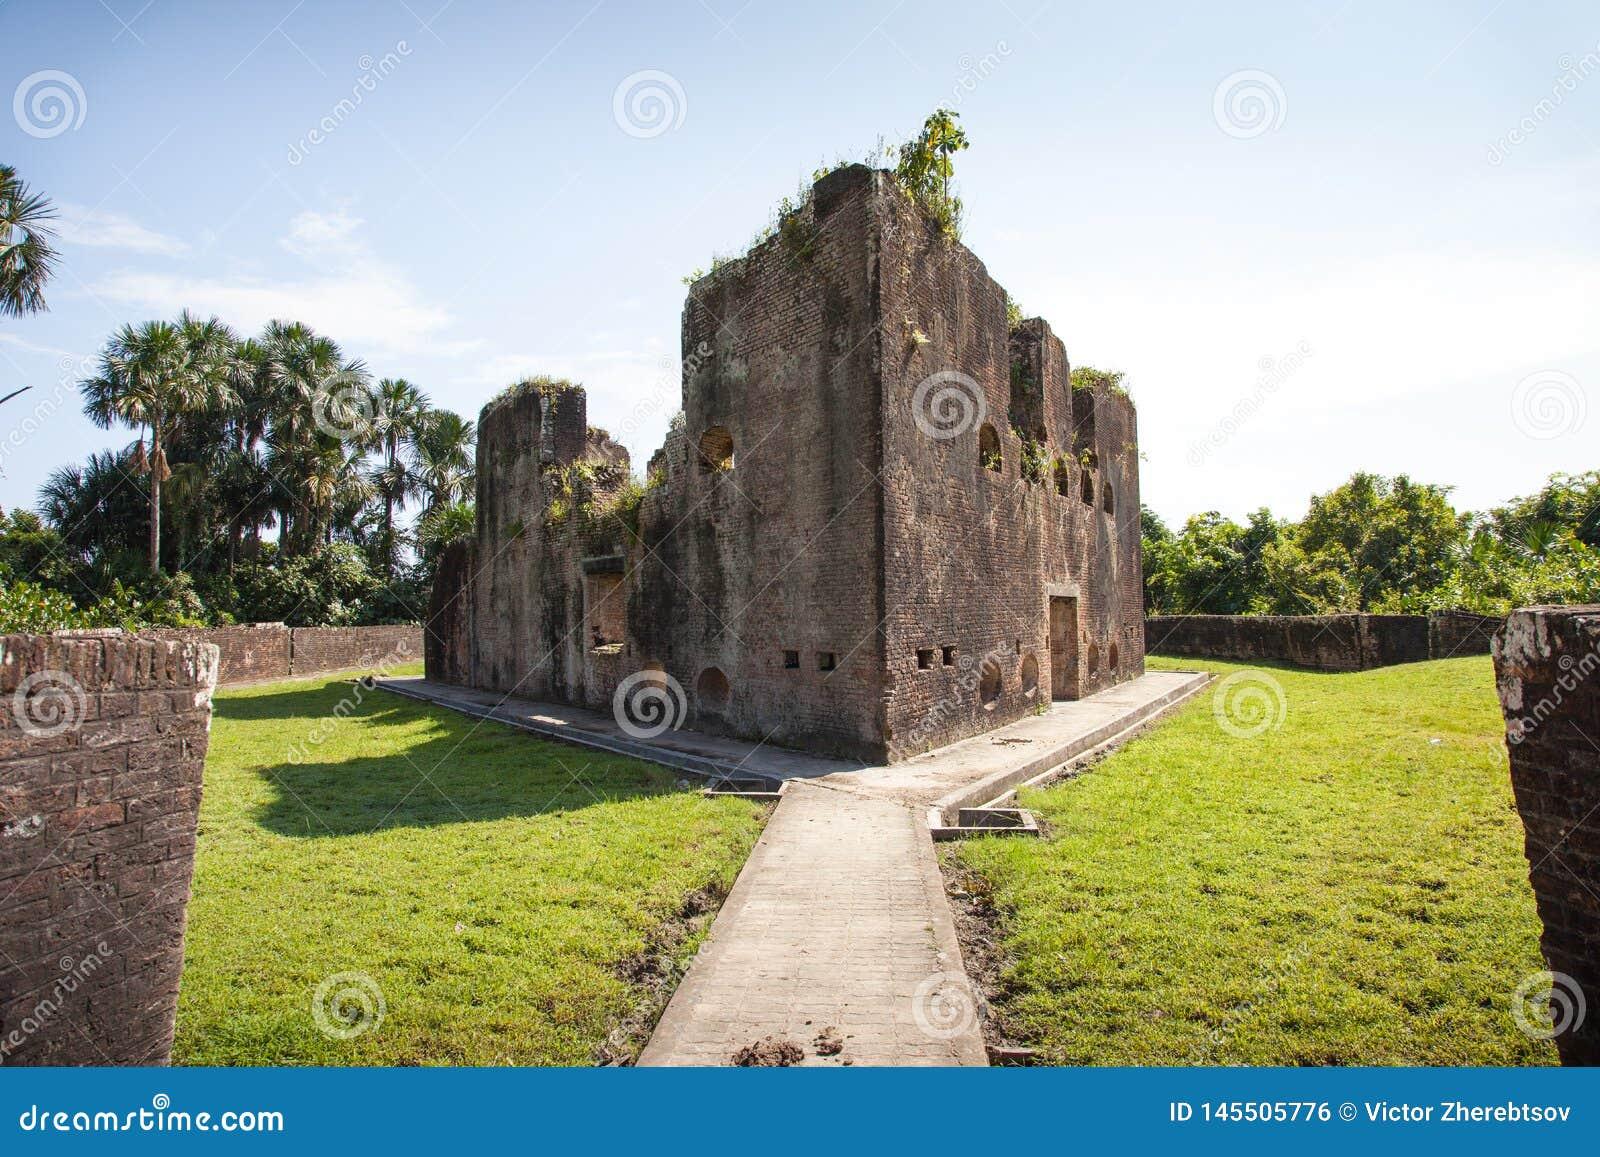 Φρούριο Τουβλότοιχοι του οχυρού Zeelandia, Γουιάνα Το οχυρό Ζηλανδία βρίσκεται στο νησί του ποταμού Essequibo